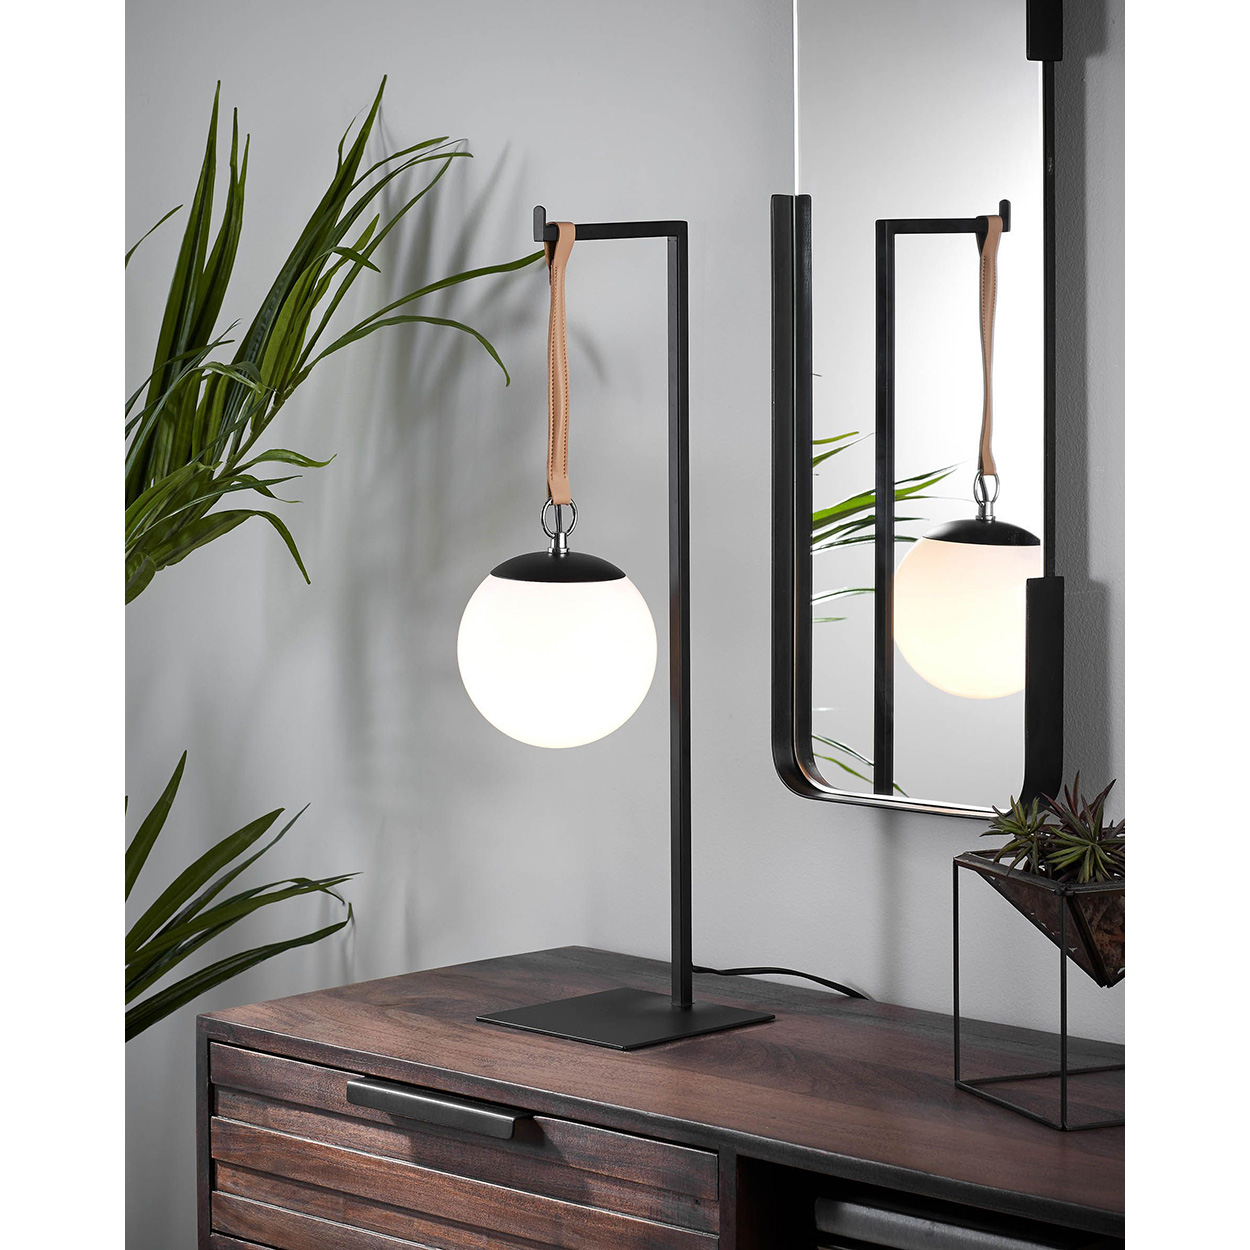 Candeeiro de mesa Globo, acrílico/metal, branco/preto